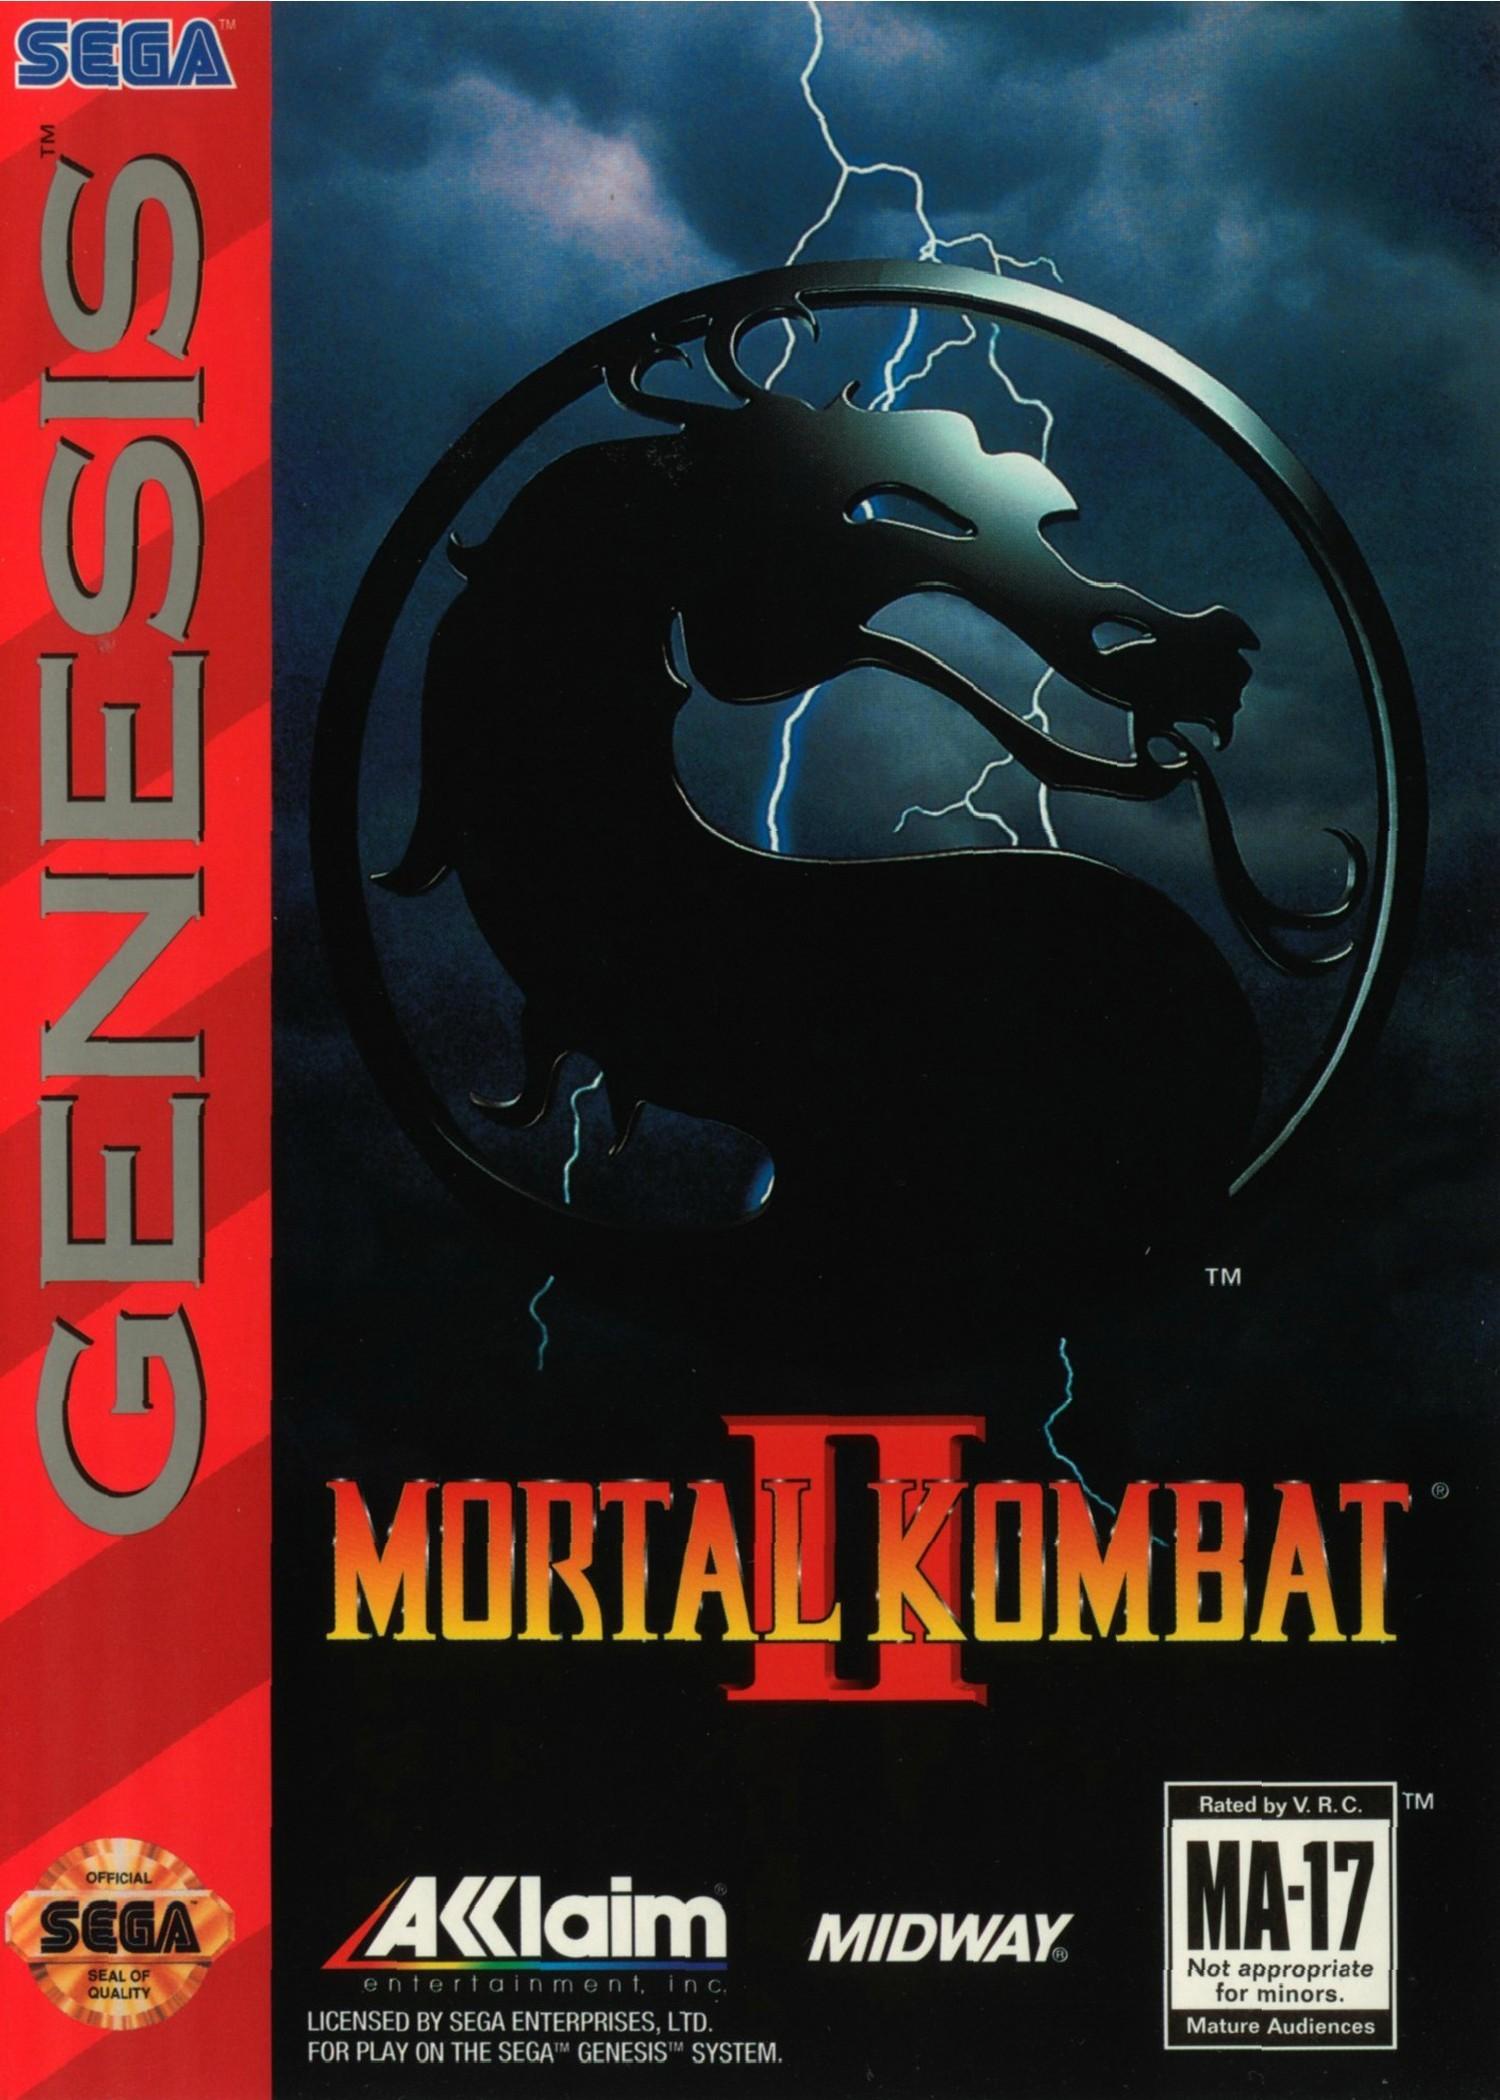 Mortal Kombat: всё началось с апперкота. Интервью с одним из создателей серии игр MK - 5